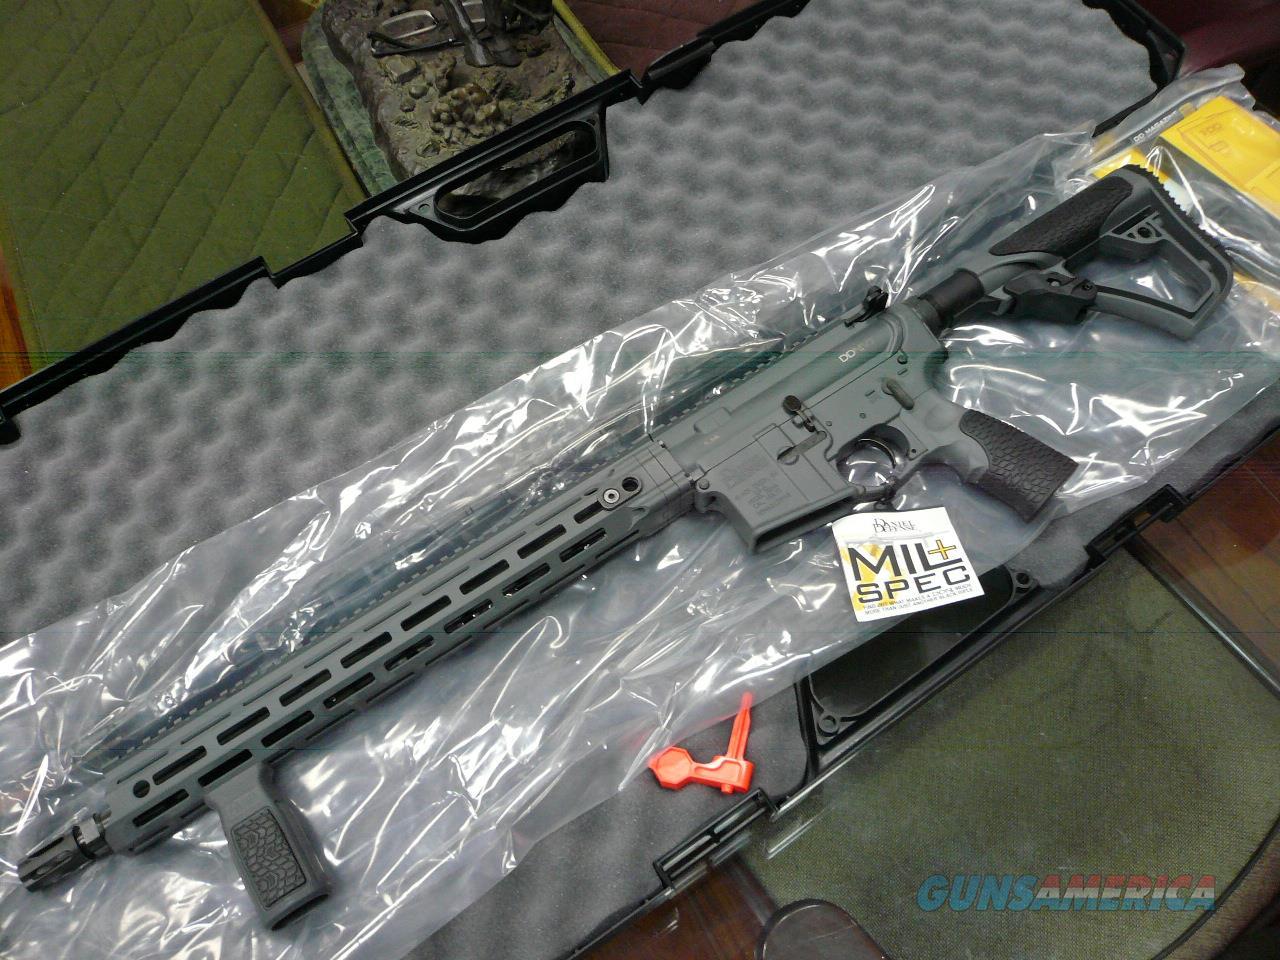 M4V7-5.56NATO/Tronado-gray NIB(CA COMPLIANT)  Guns > Rifles > Daniel Defense > Complete Rifles